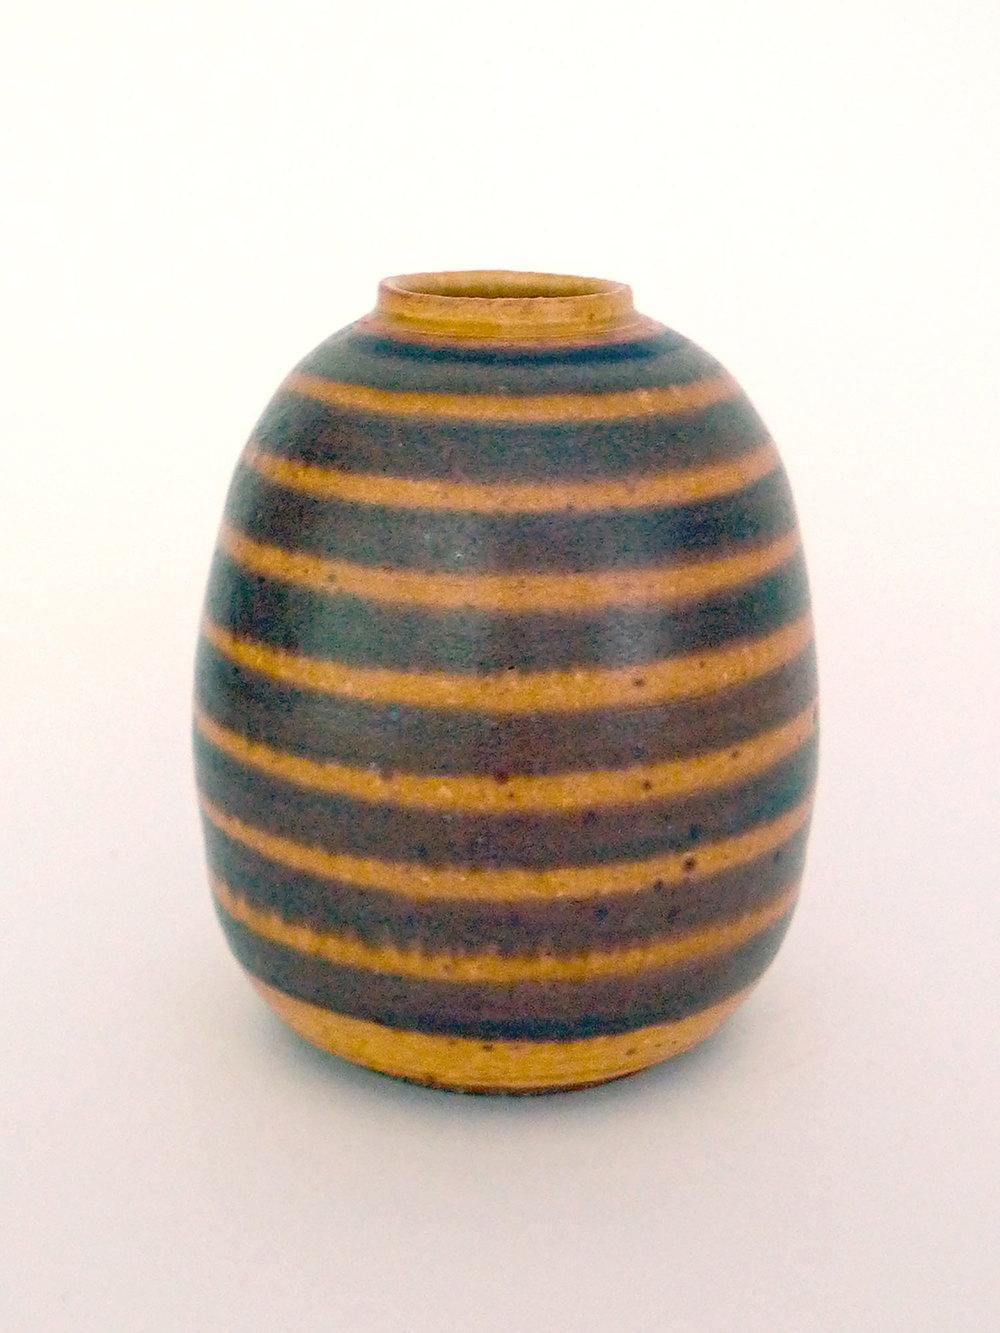 Beehive Bud vase